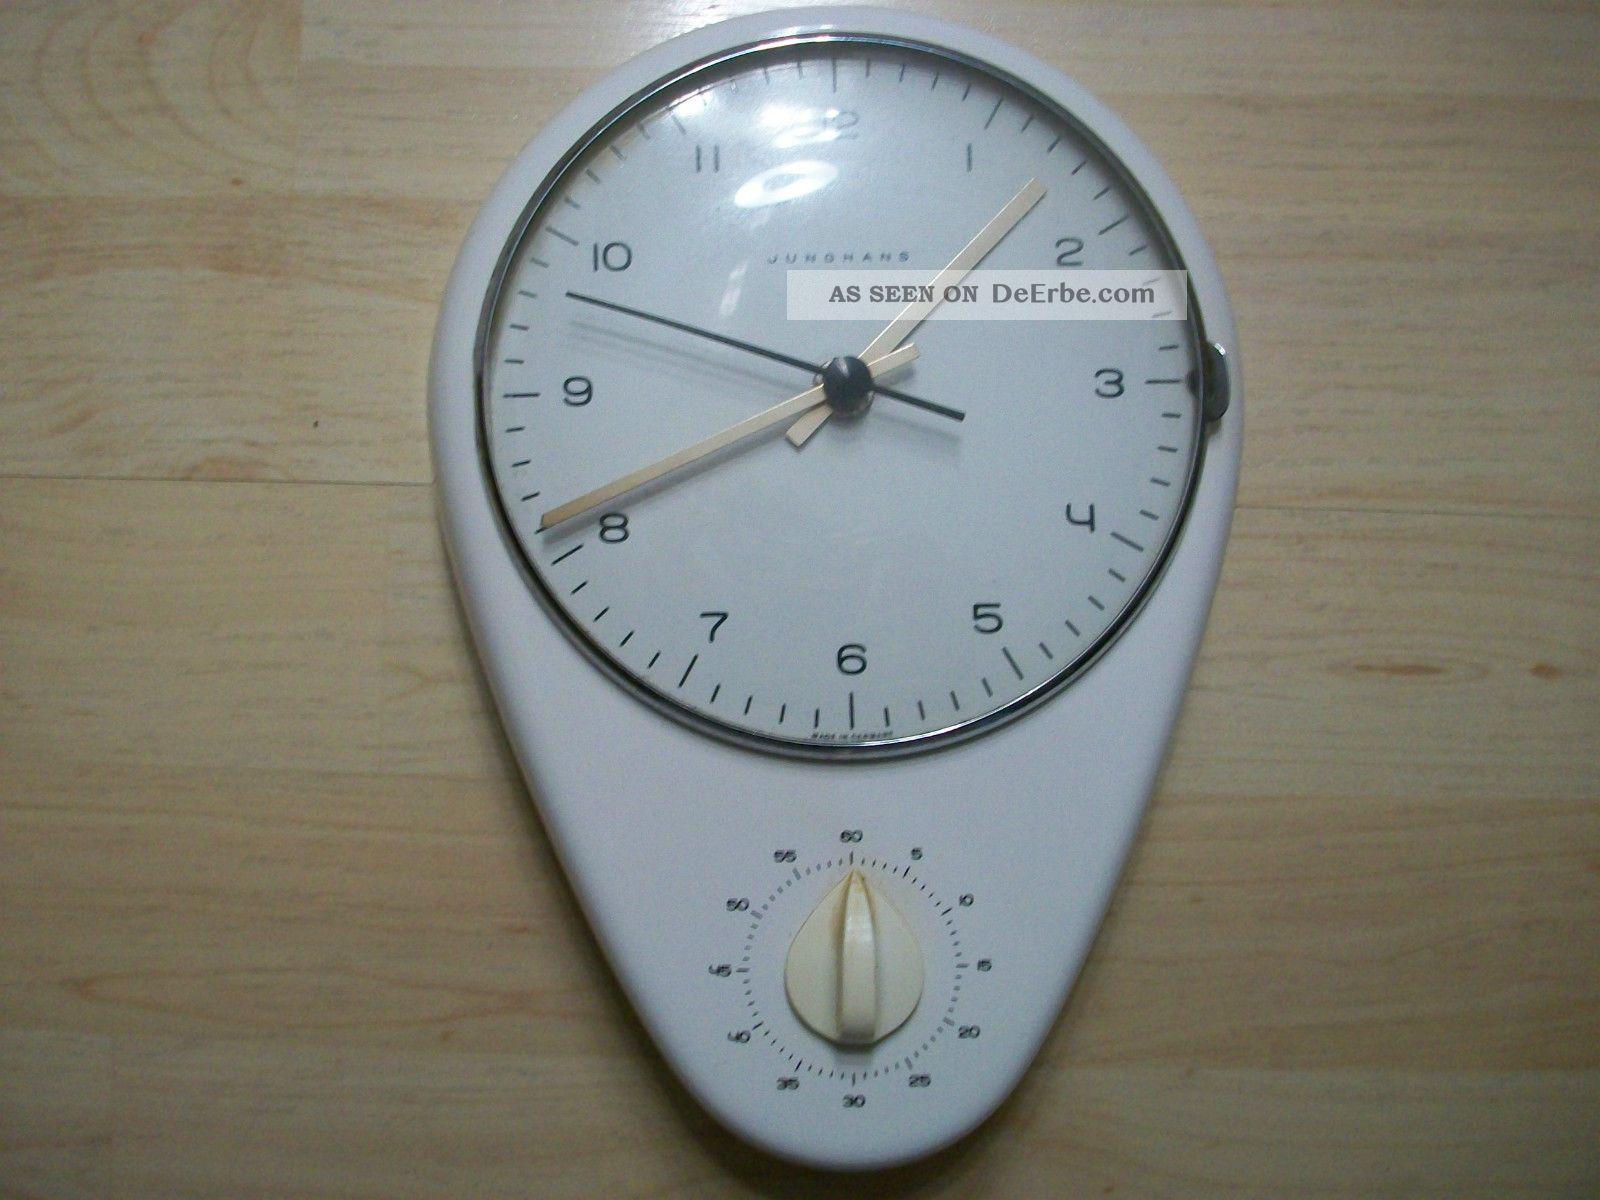 Junghans Max Bill Design Küchenwanduhr Mit Timer (kurzzeitmesser) Gefertigt nach 1950 Bild